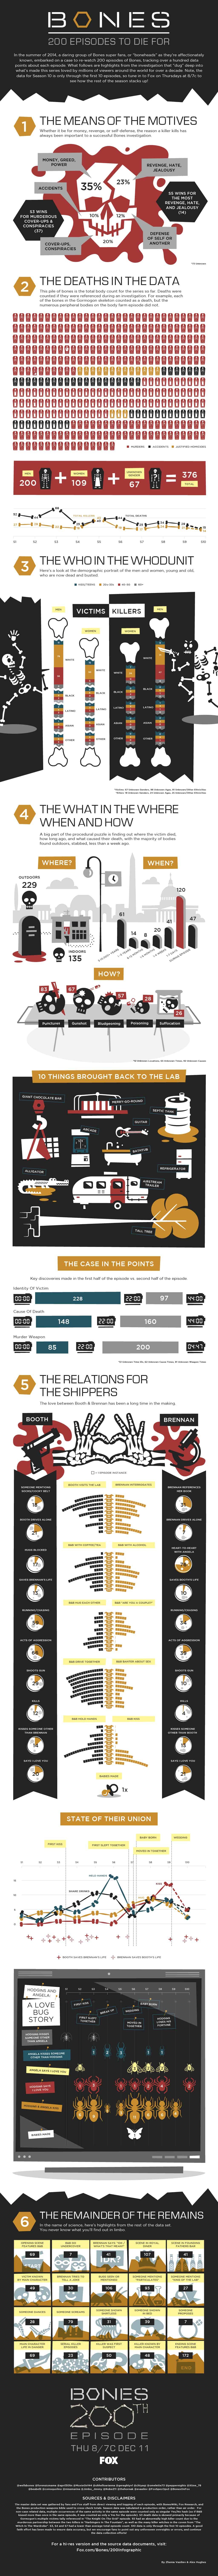 bones-200-epiosde-infographic.jpg